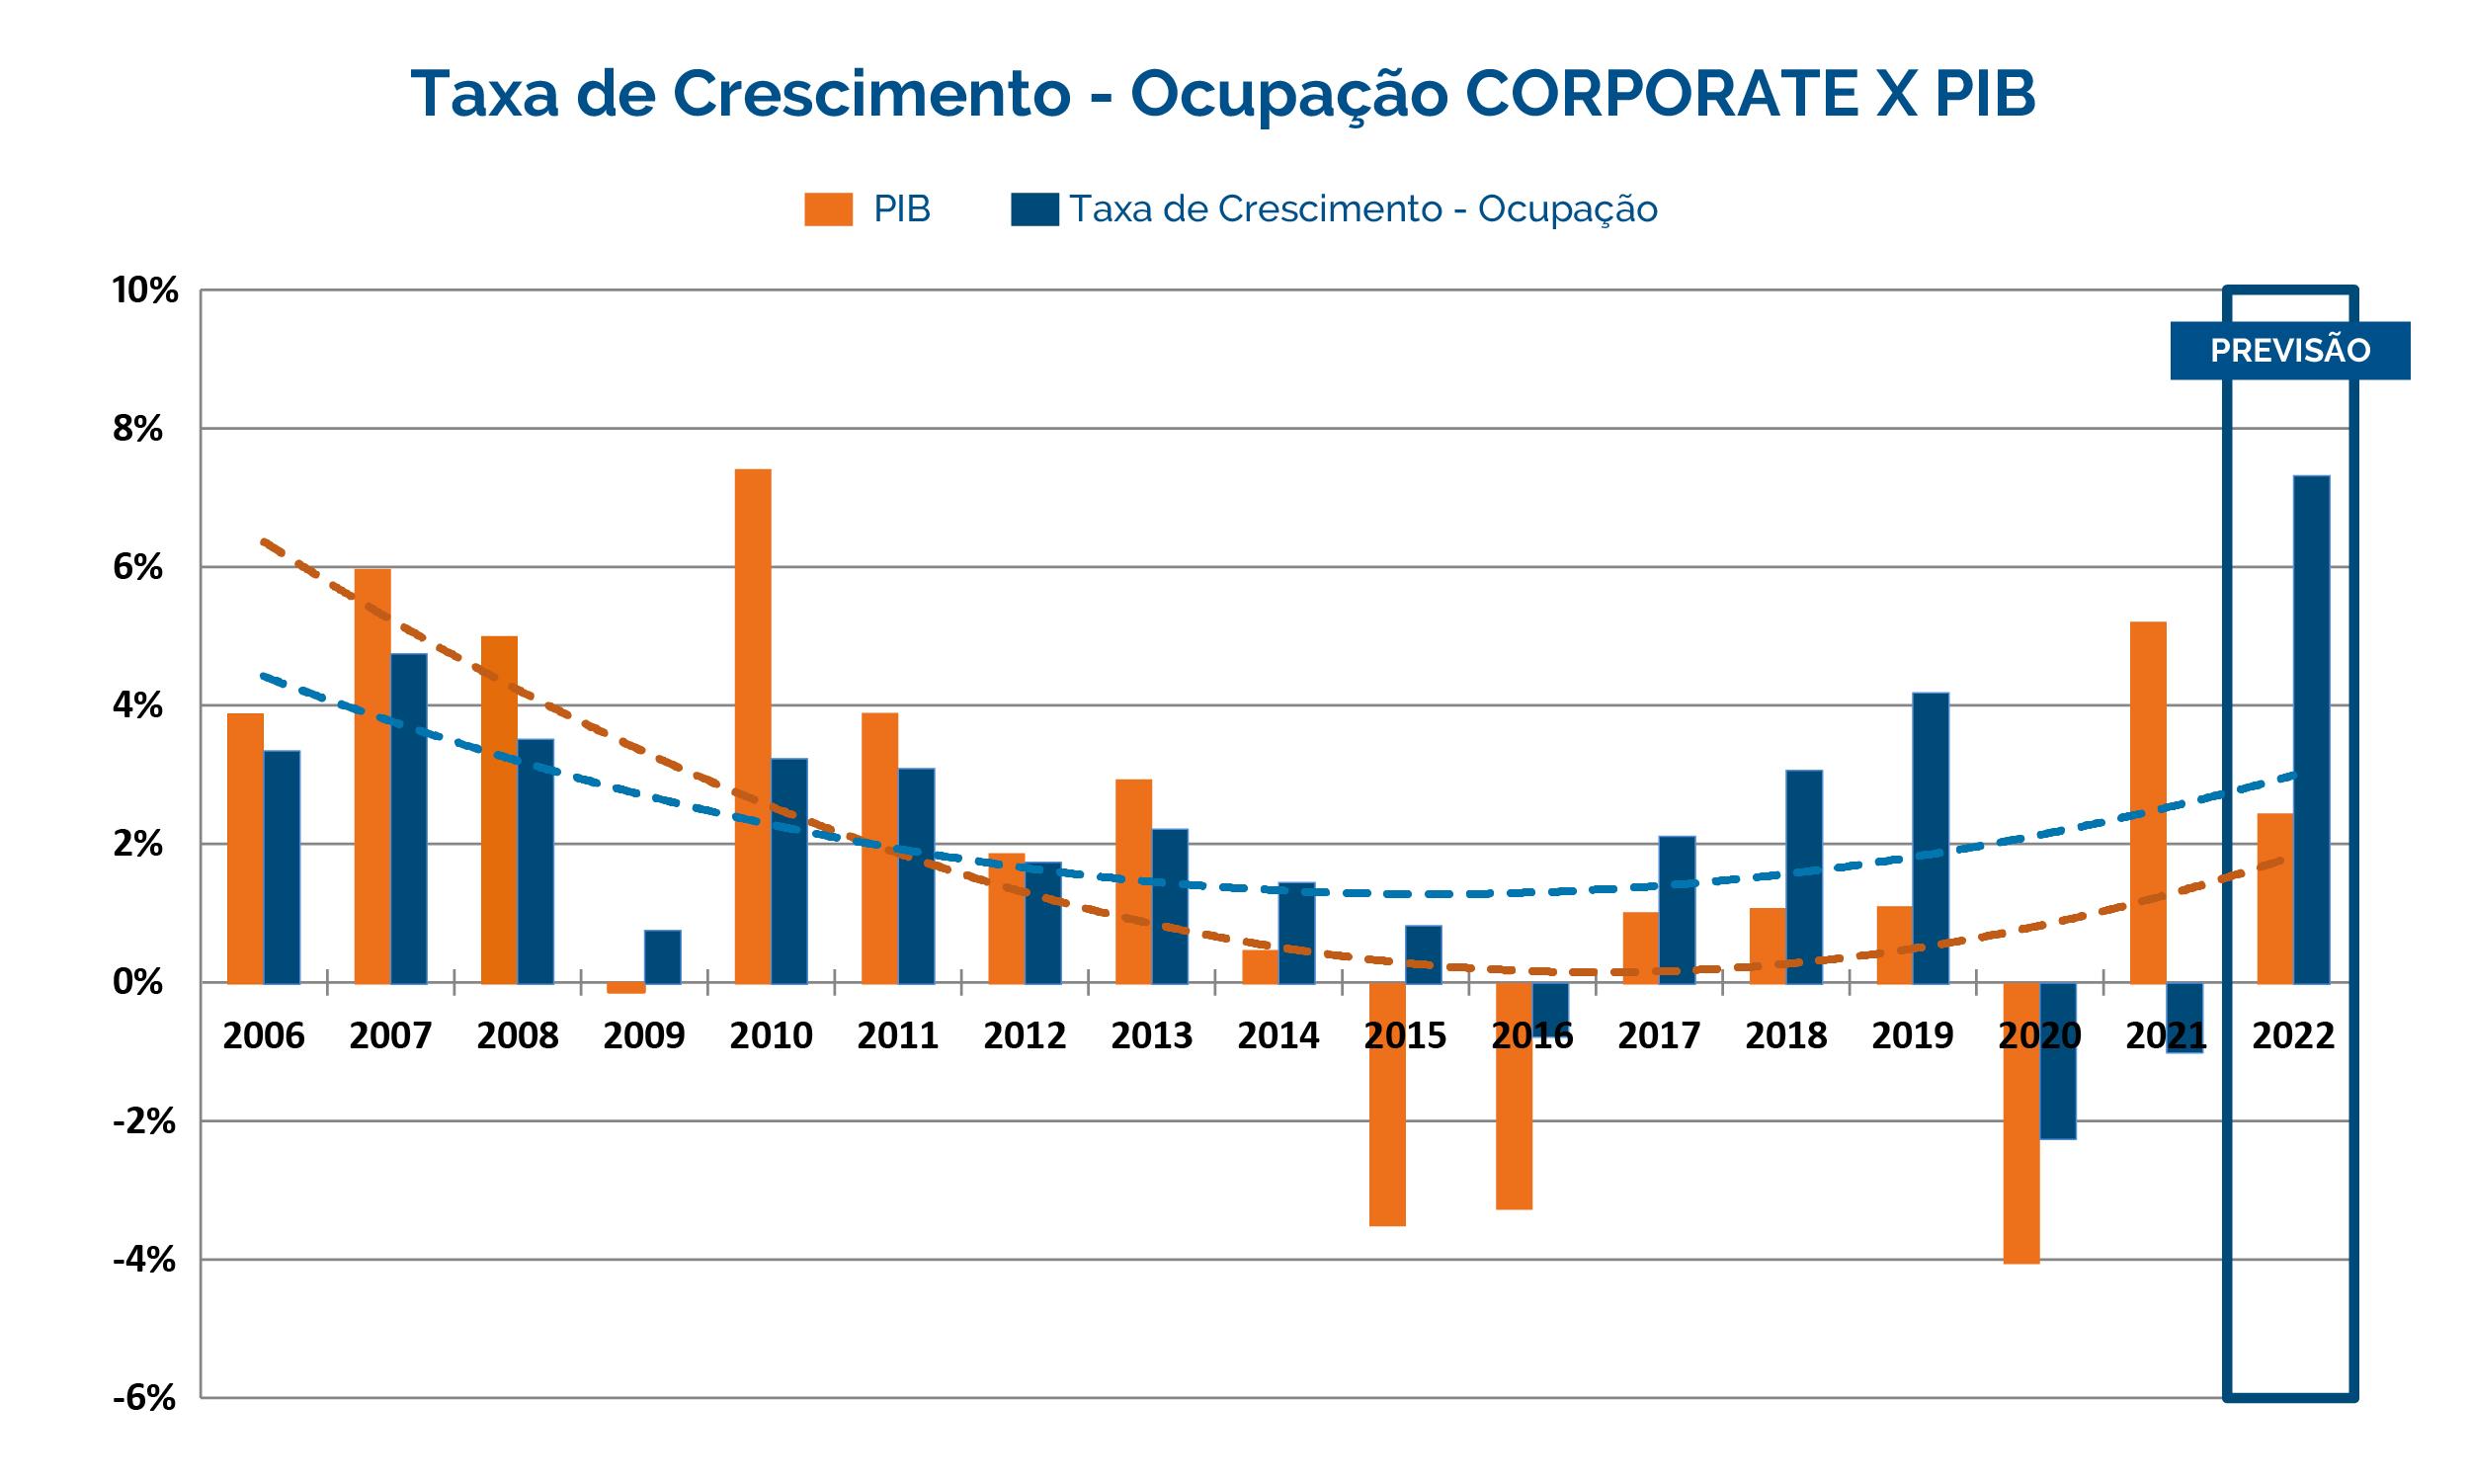 Taxa de Crescimento - Ocupação CORPORATE x PIB